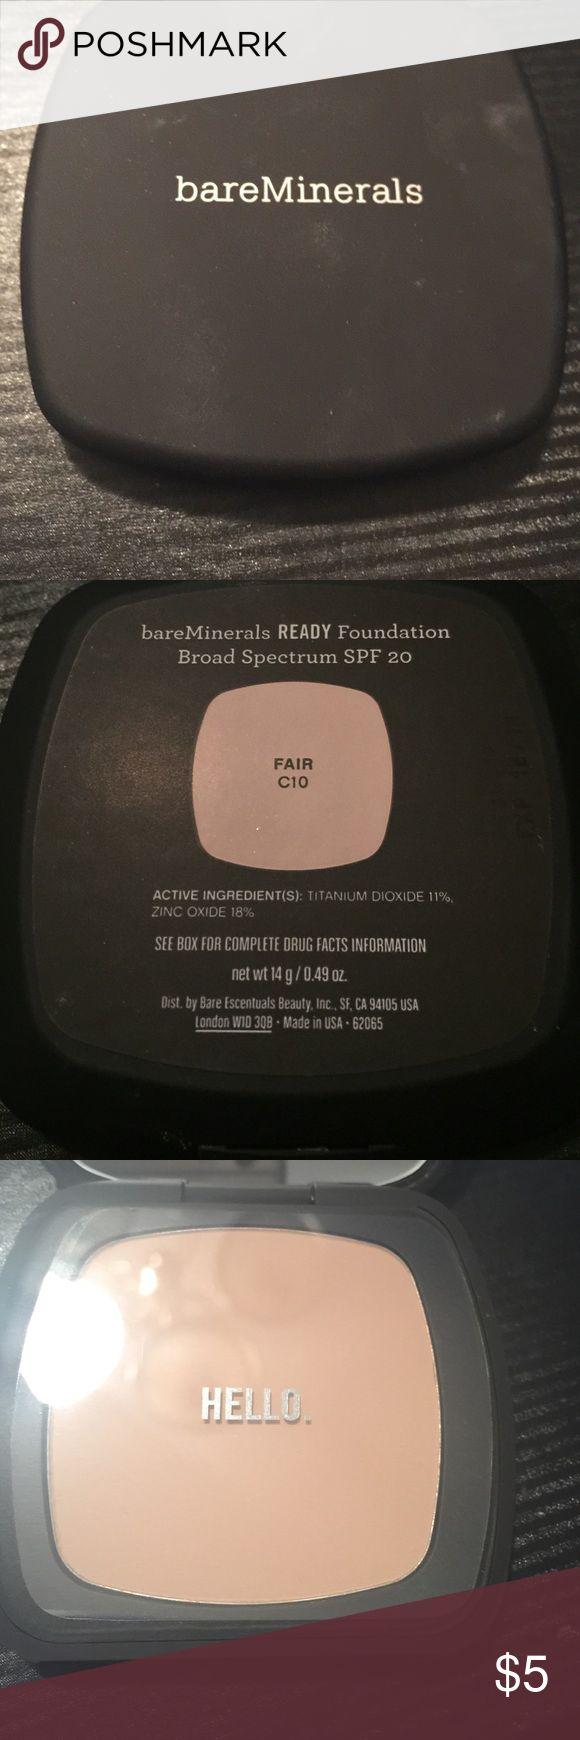 Bare minerals foundation new spf exp 12/14 Bare minerals foundation new spf exp 12/14 bareMinerals Makeup Face Powder